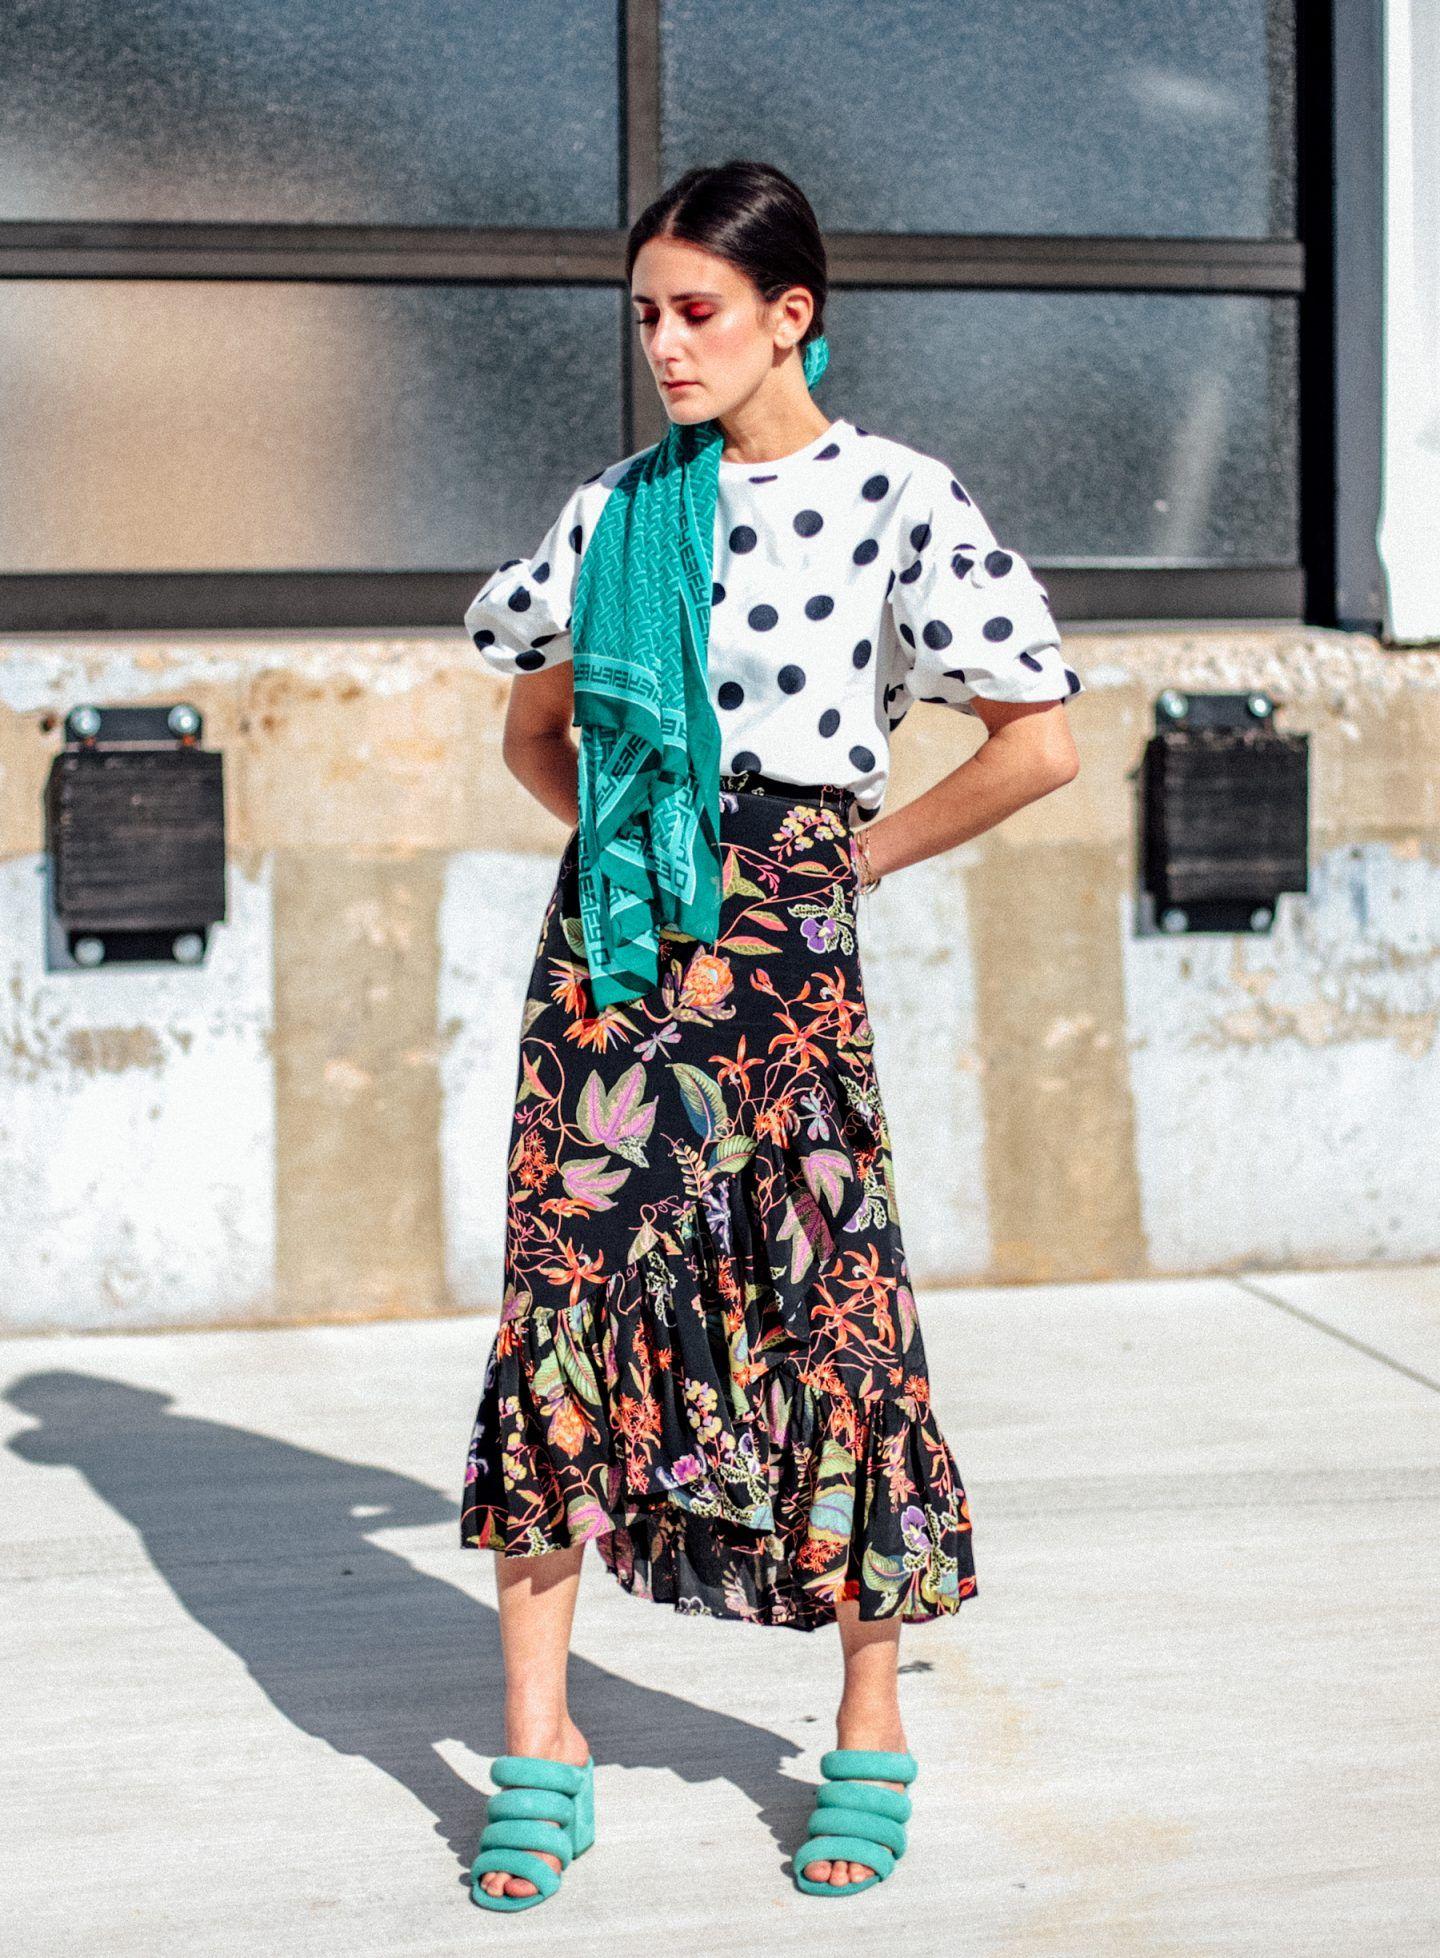 Inspirasi Outfit untuk Pesta Outdoor, Keren dan Nyaman!